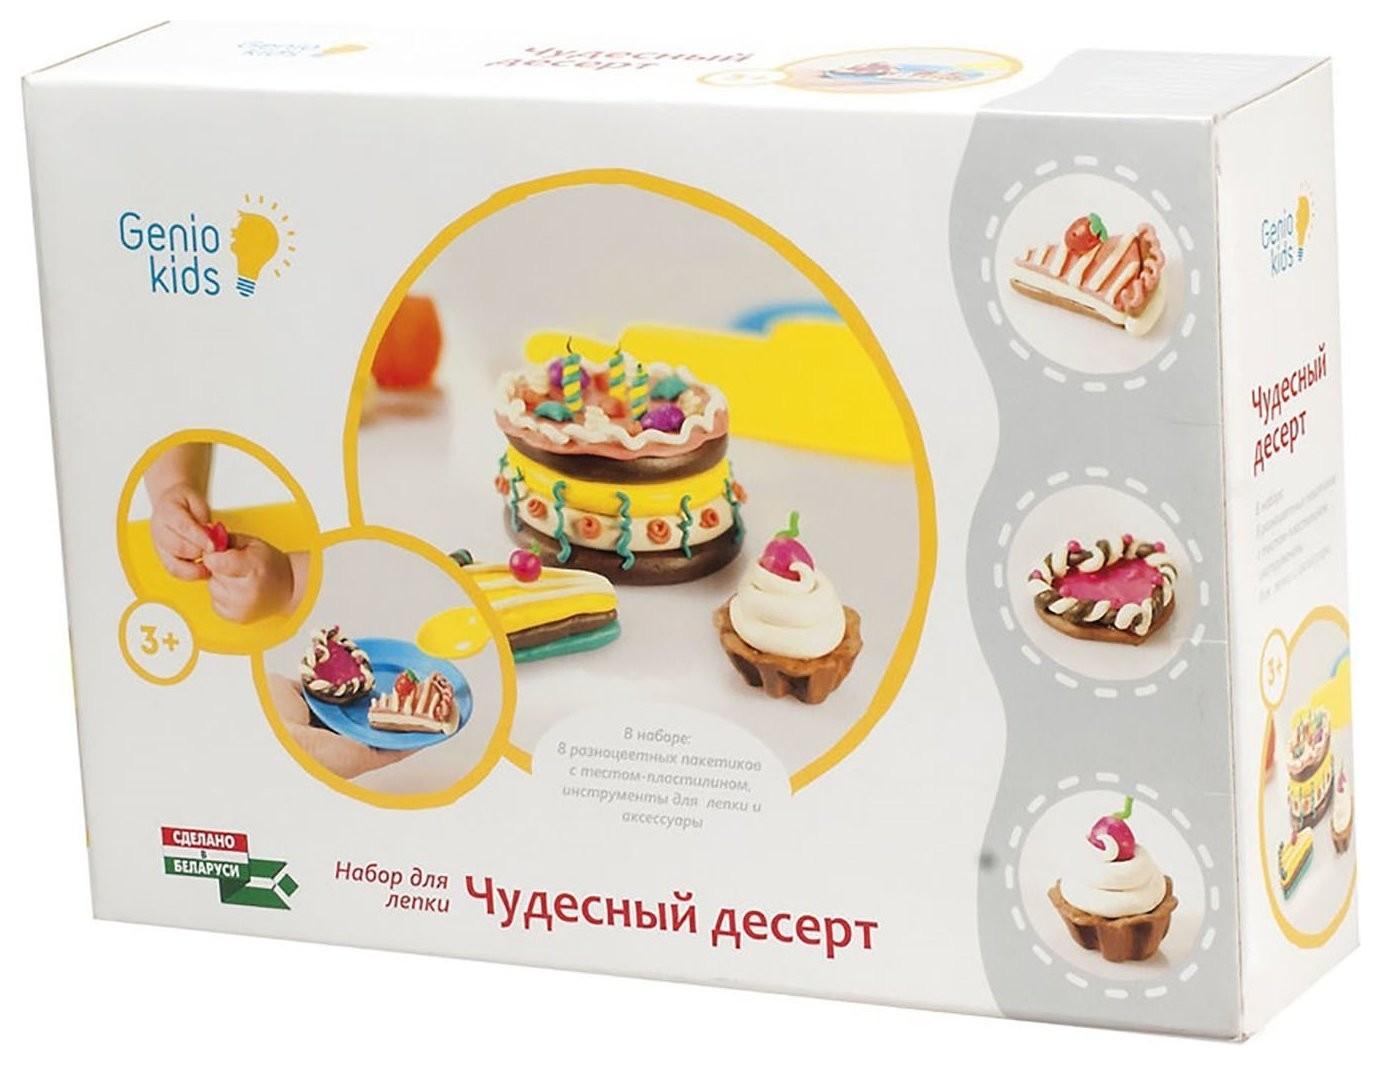 Набор для детского творчества Чудесный десерт  Genio Kids